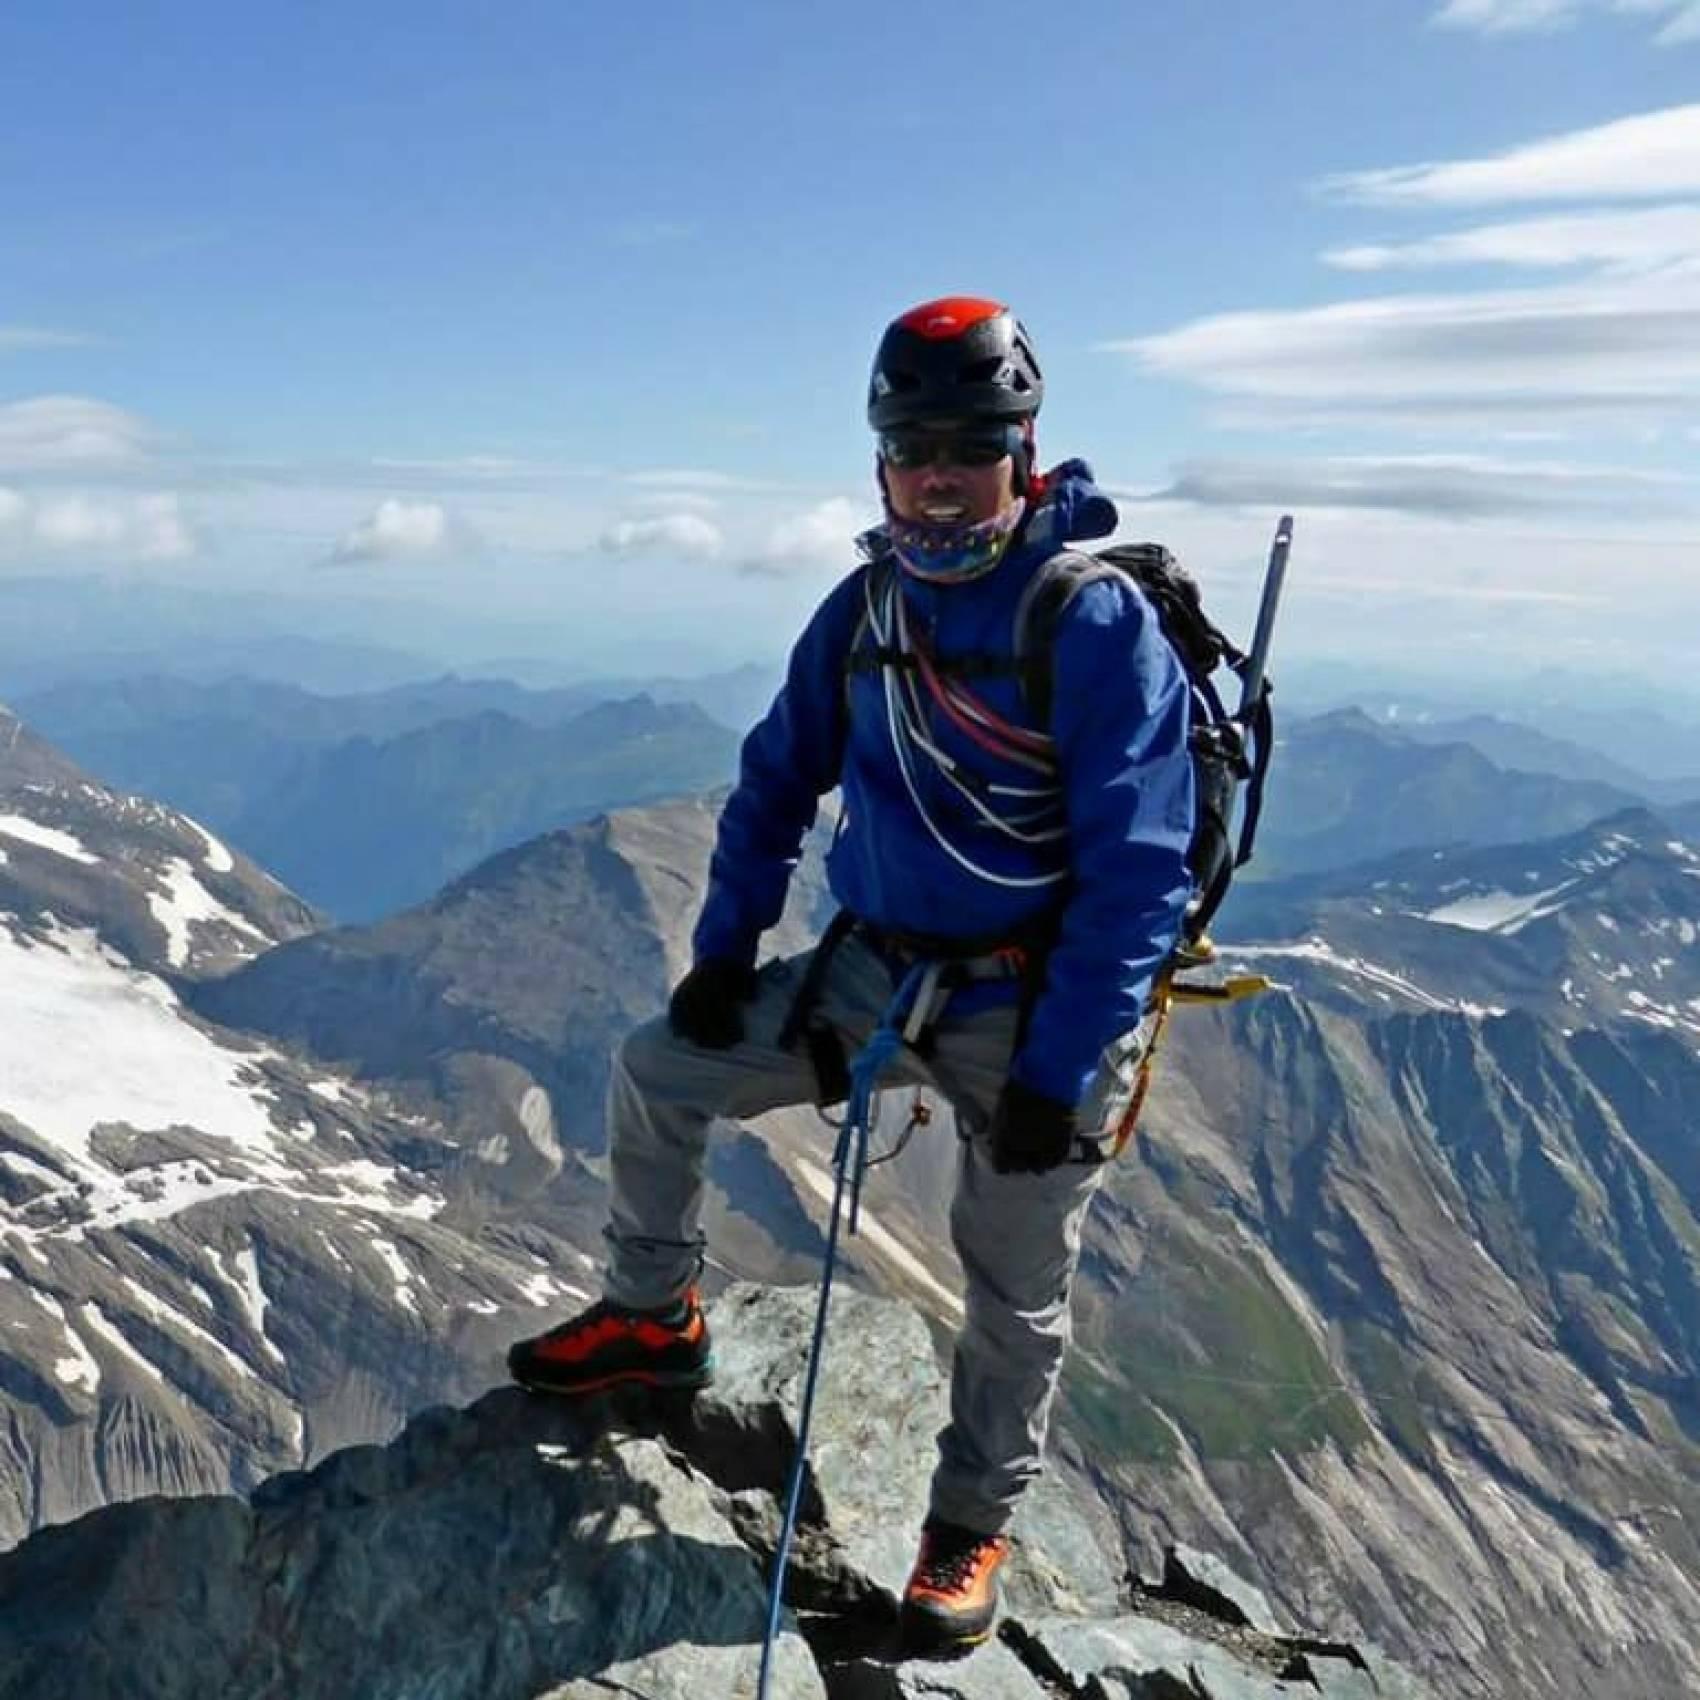 Ngawang Wanguchhu Sherpa